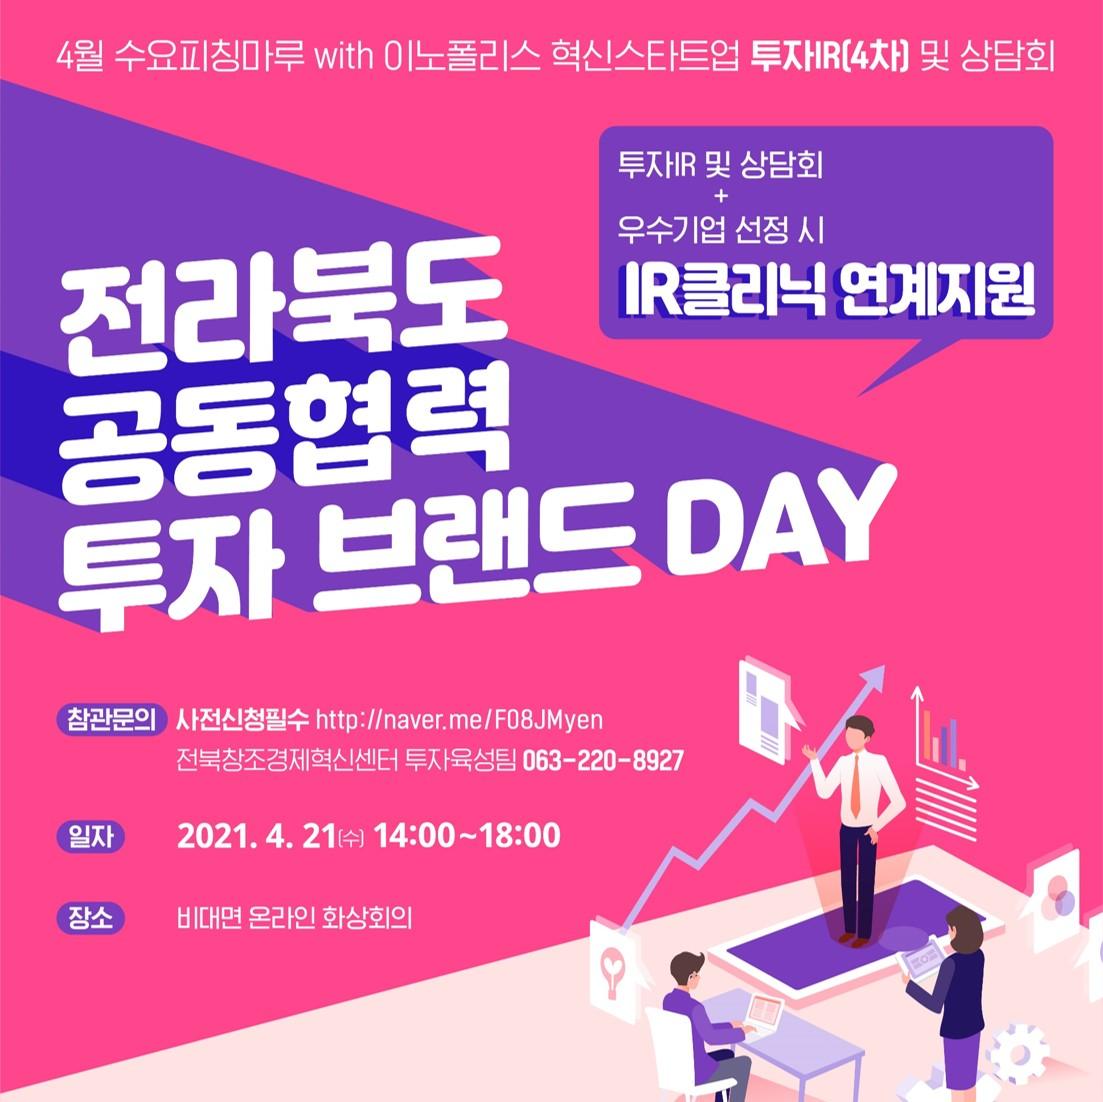 전북 공동협력 투자브랜드 DAY 개최